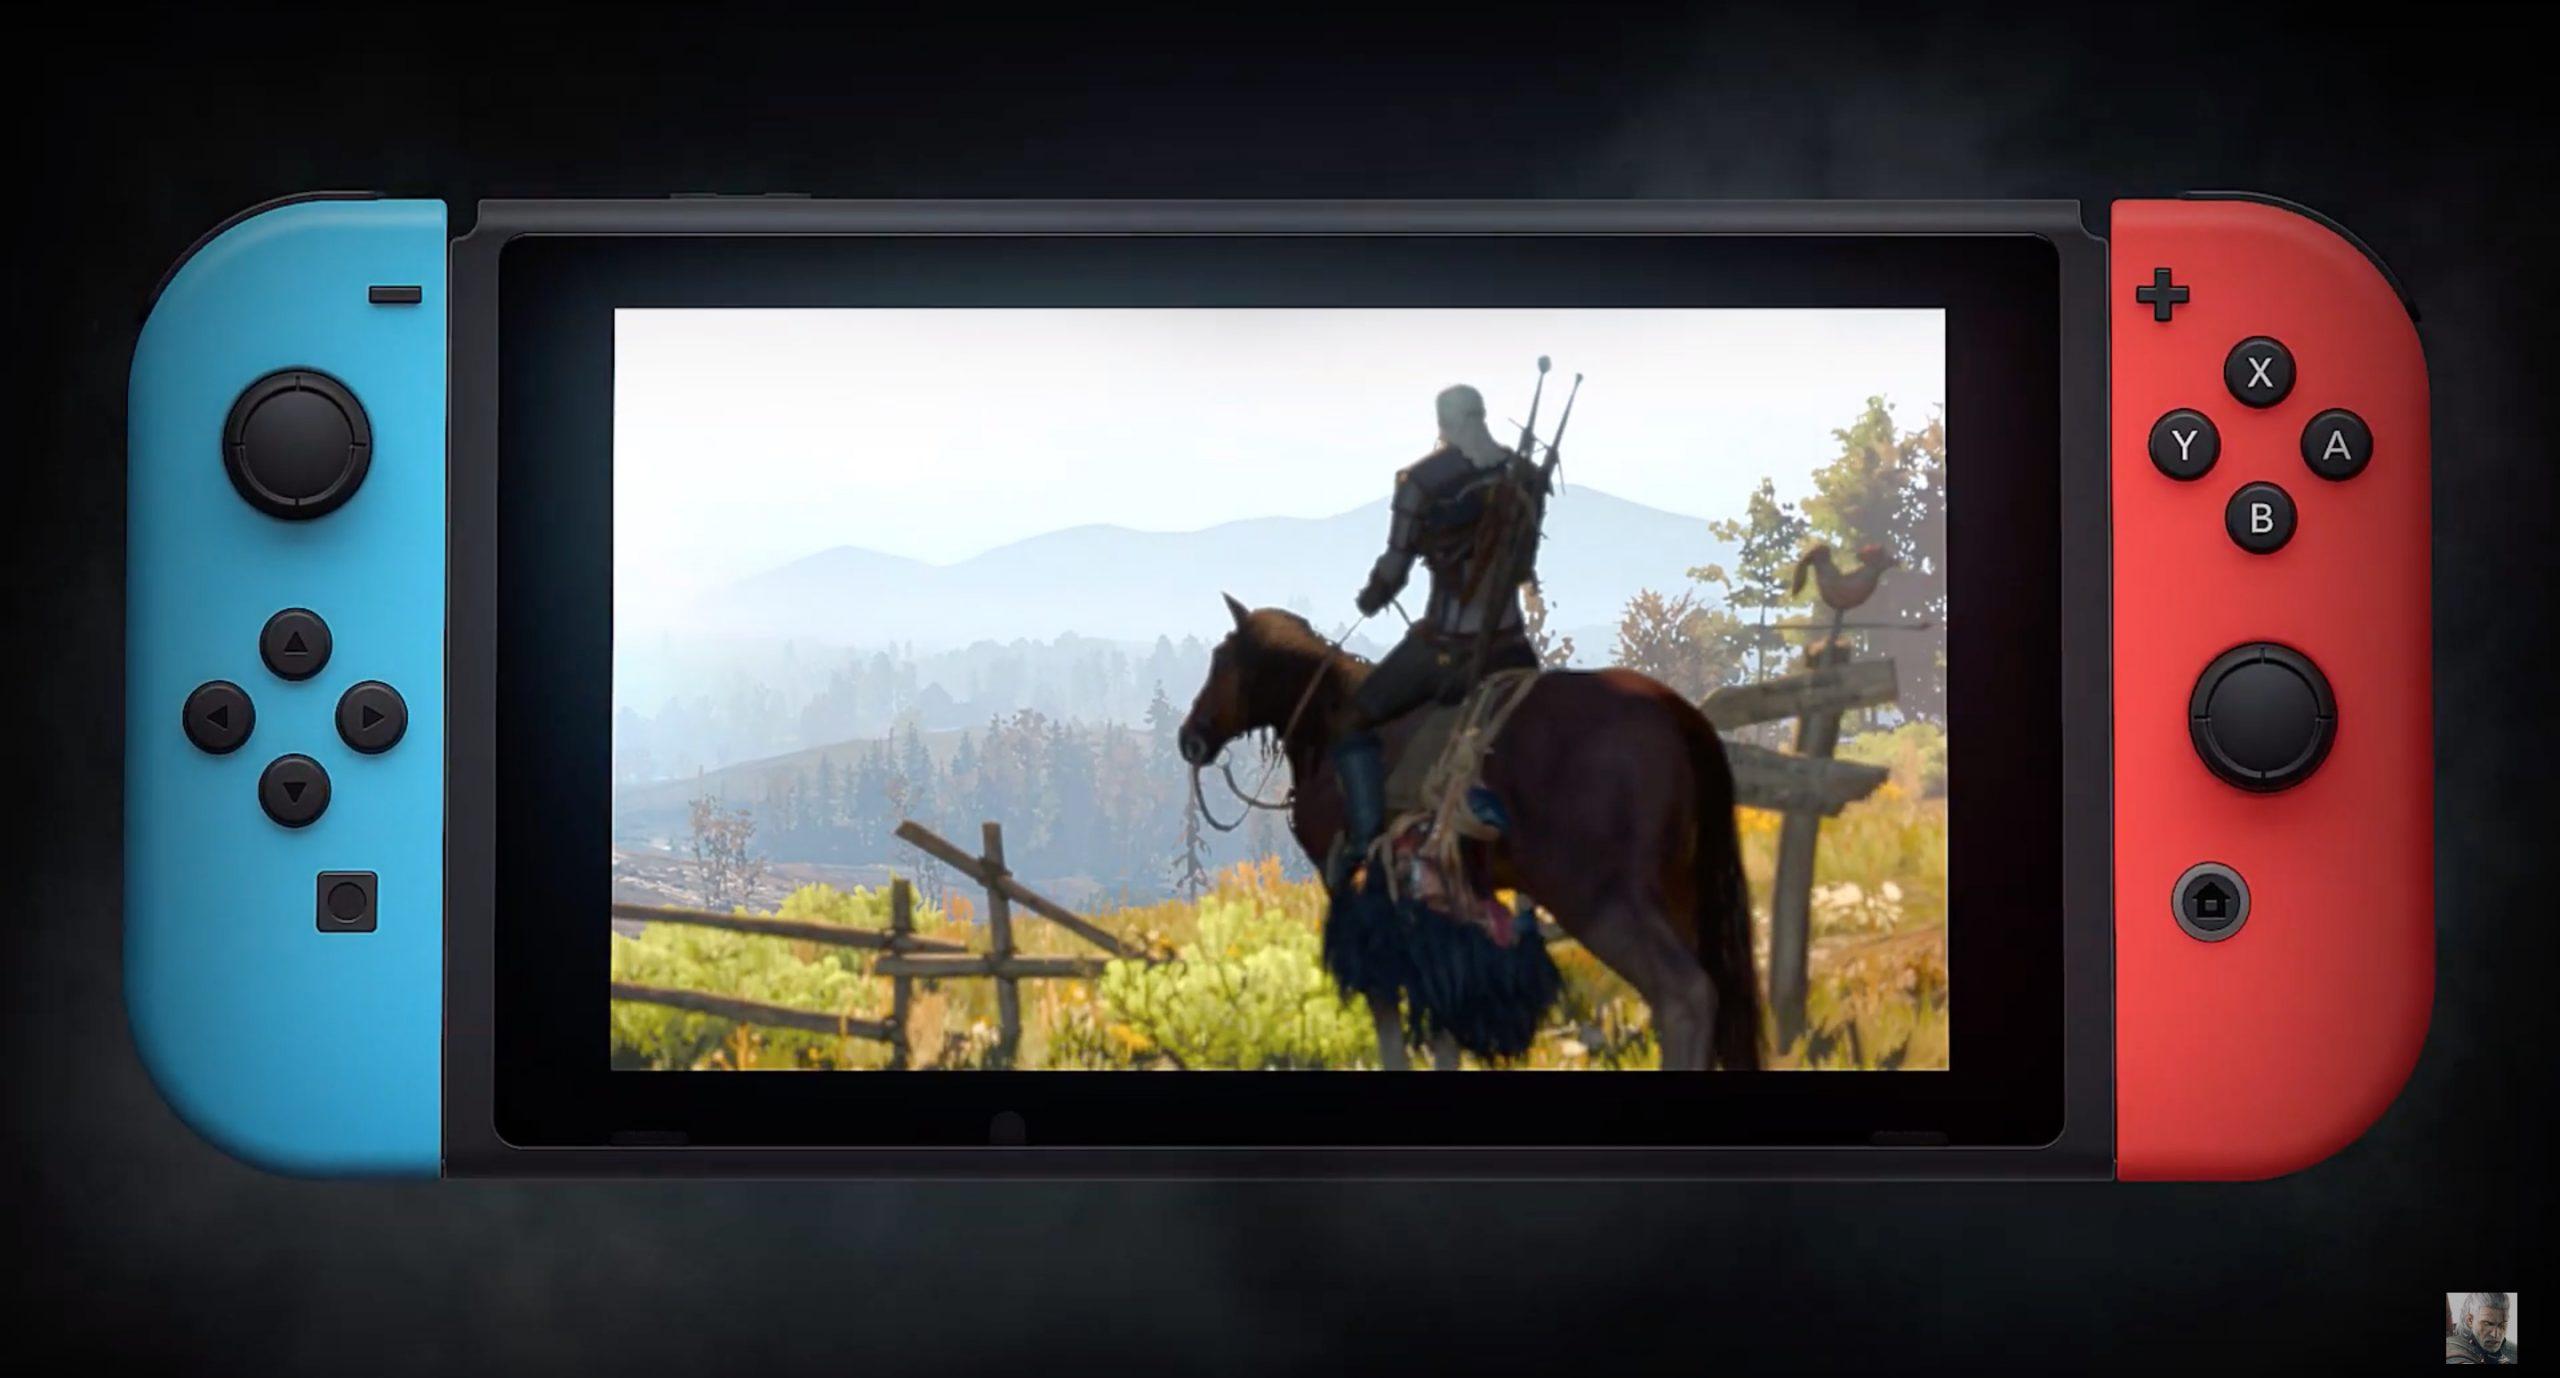 Witcher 3 buruzko Nintendo Switch eguneratze bat lortu zuen beste kontsola batzuek inbidia zezaten.  Ordenagailuetatik grabazioen inportazioa dago